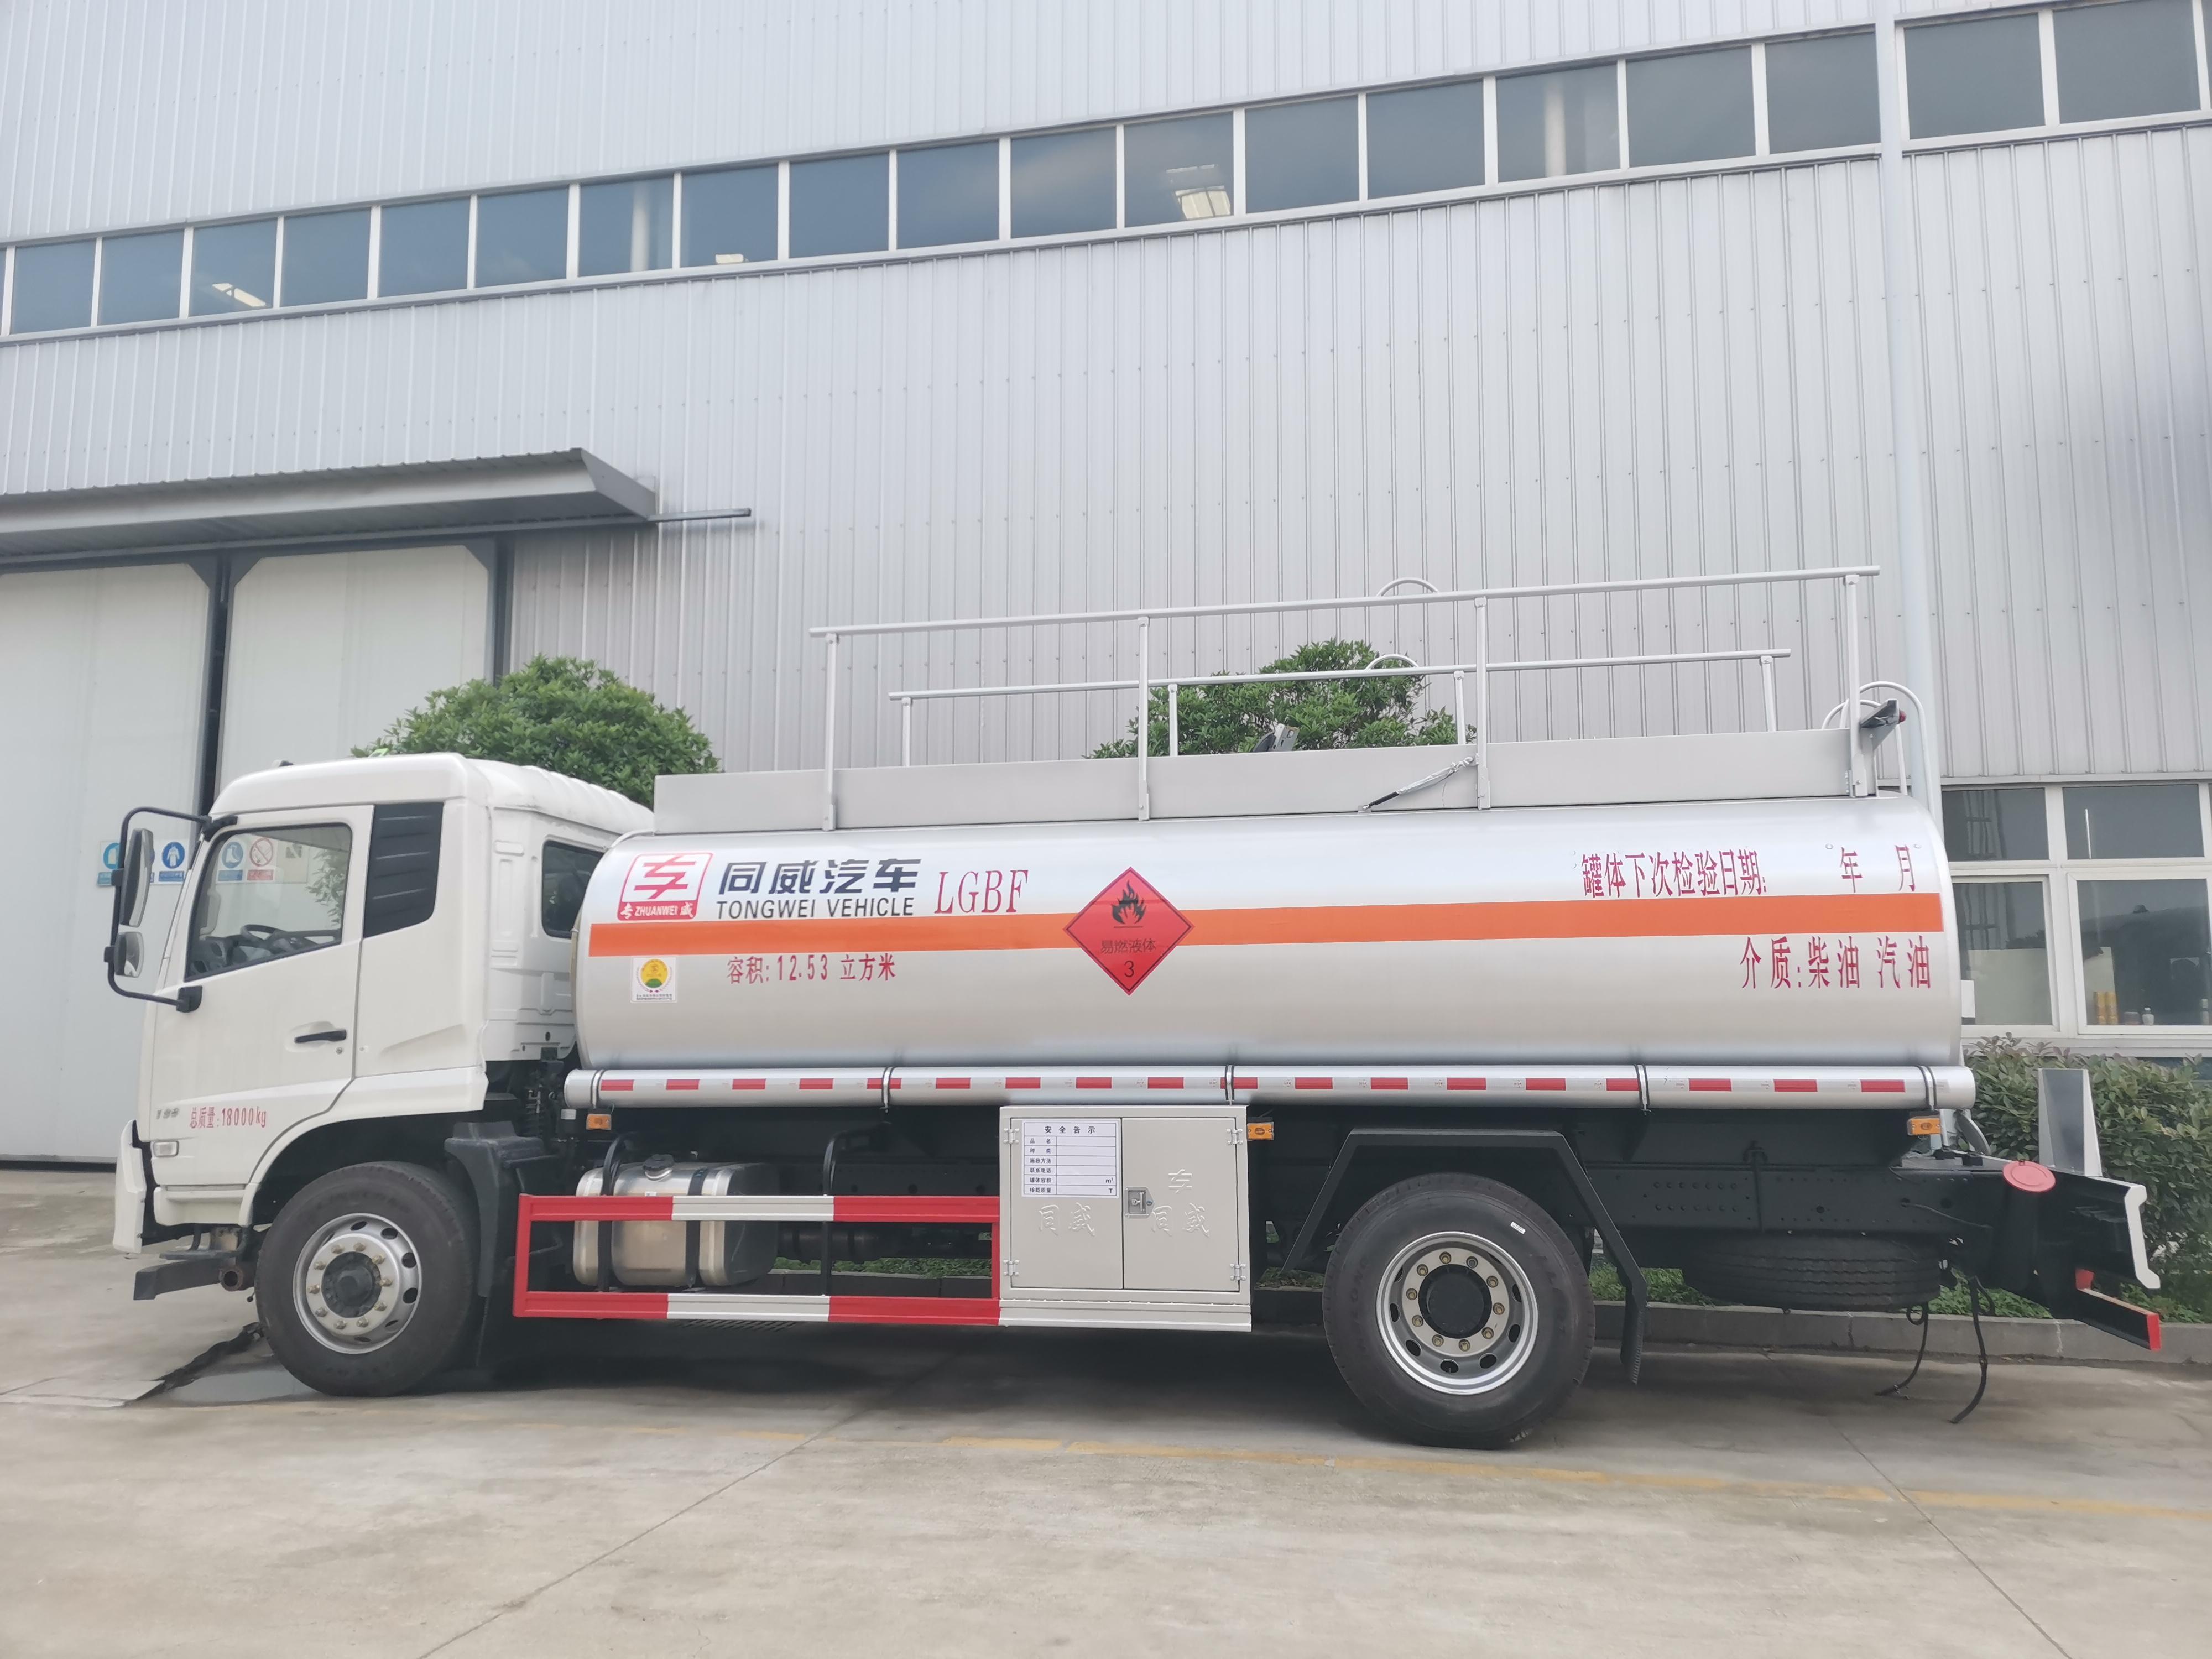 东风专底上高速10吨油罐车质优价廉 价位亲民视频